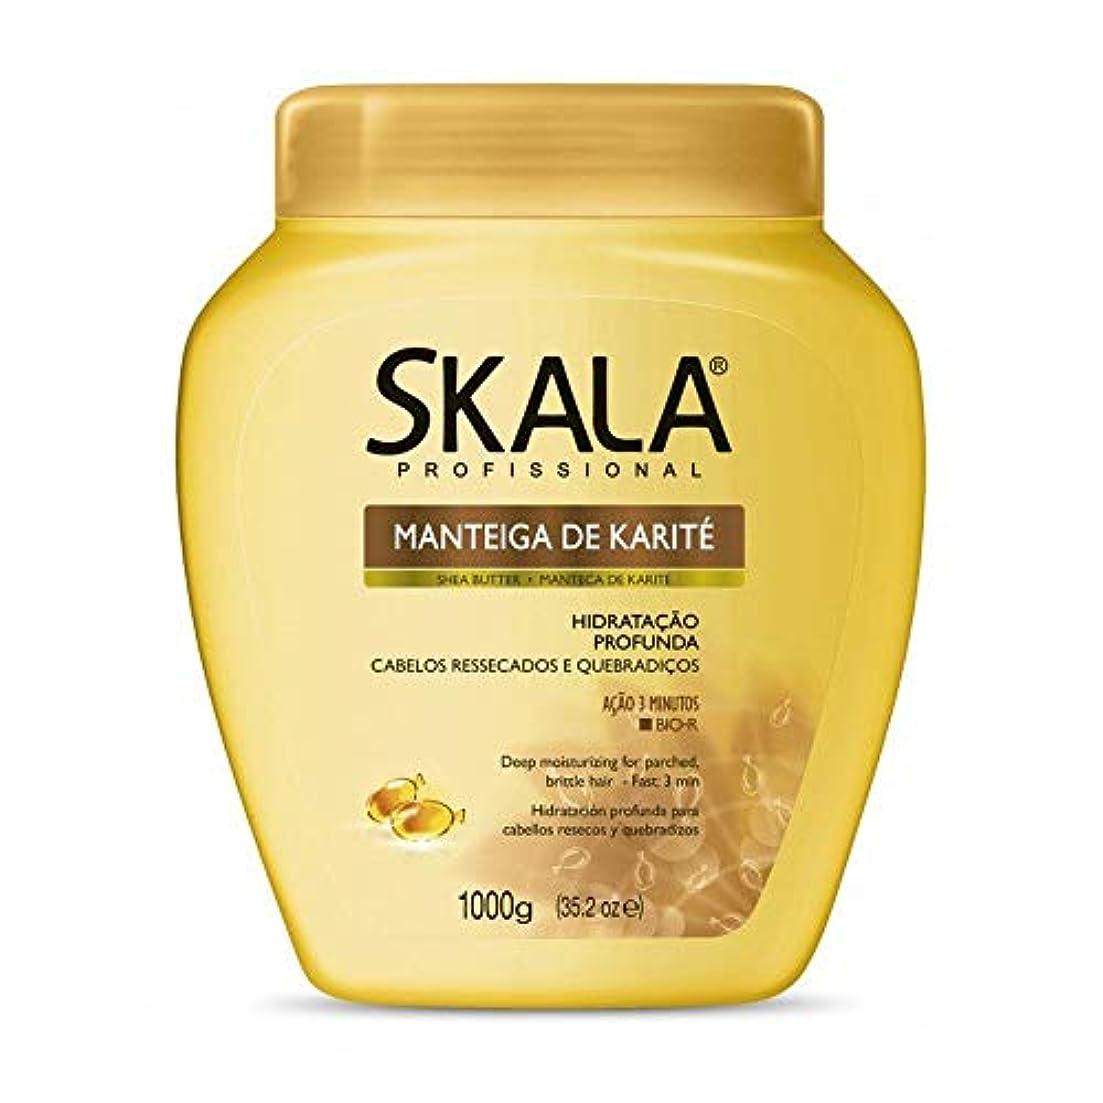 濃度コンデンサークックSkala スカラ シアバター ヘア トリトメントパック 1kg